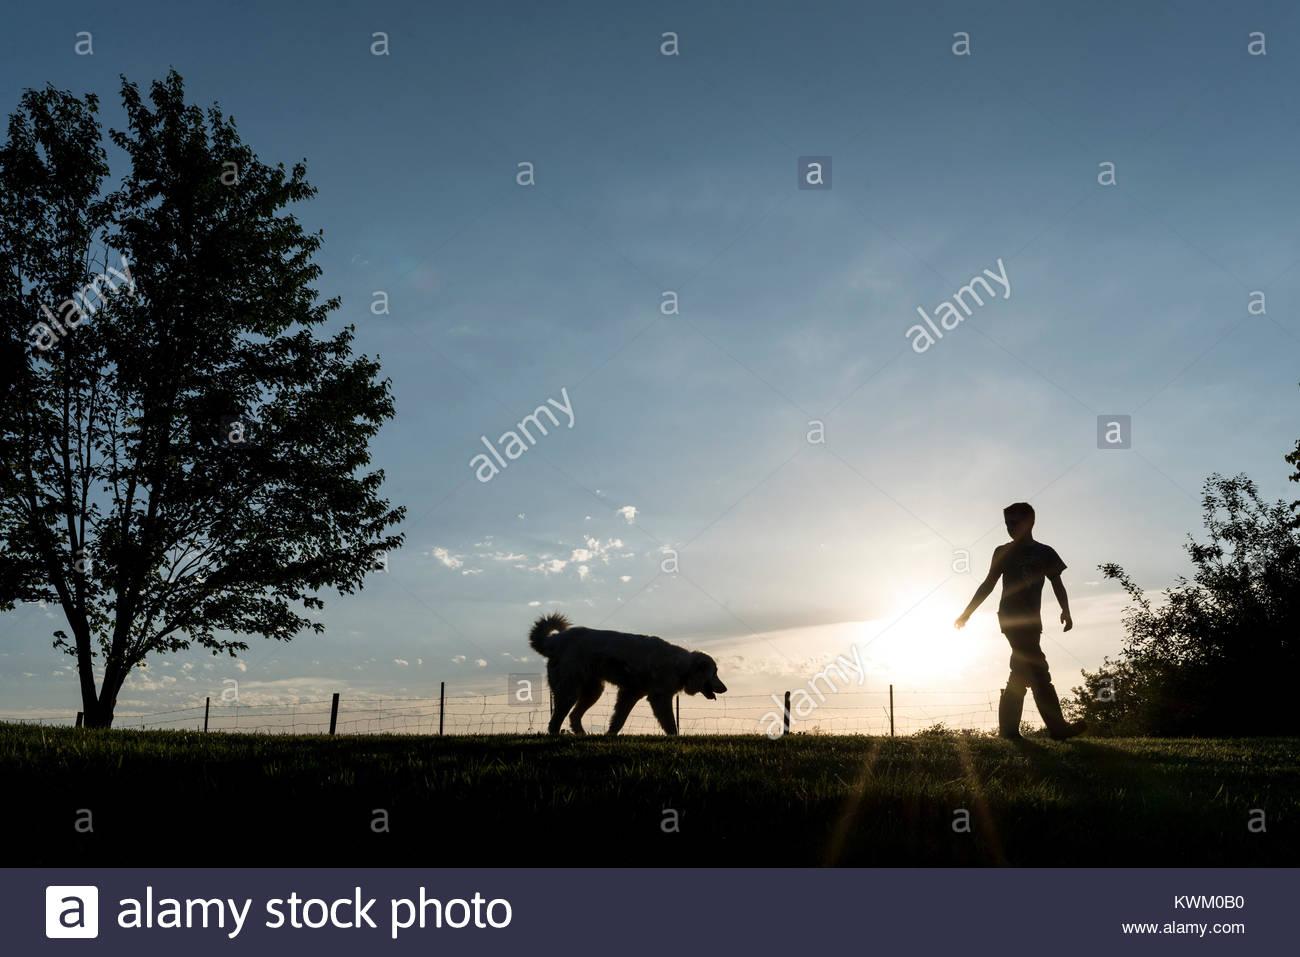 Silhouette Junge spielt mit Hund auf dem Feld gegen Himmel bei Sonnenuntergang Stockbild